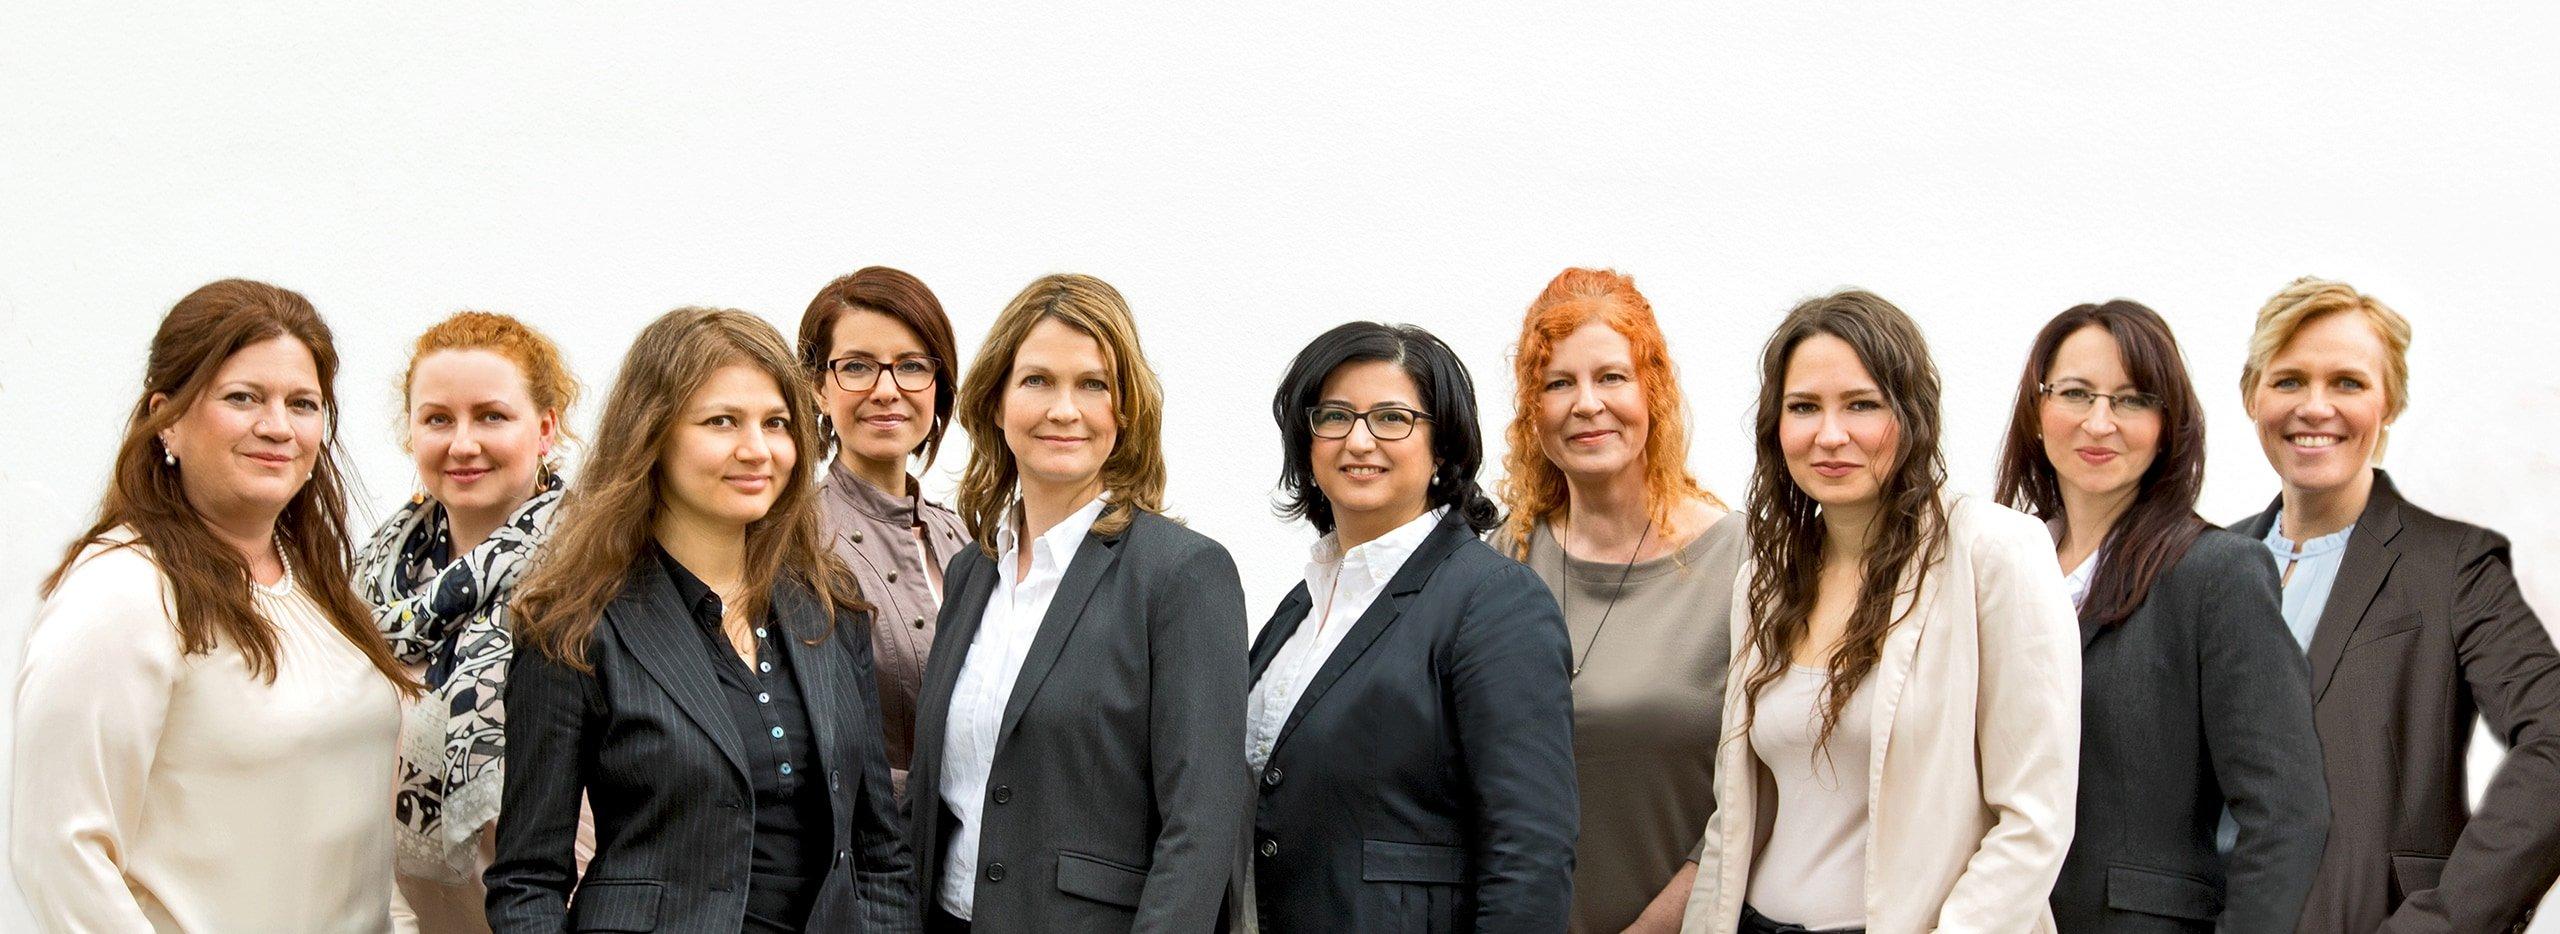 Gruppenbild der Anwälte und des Teams bei Bösch & Kalagi